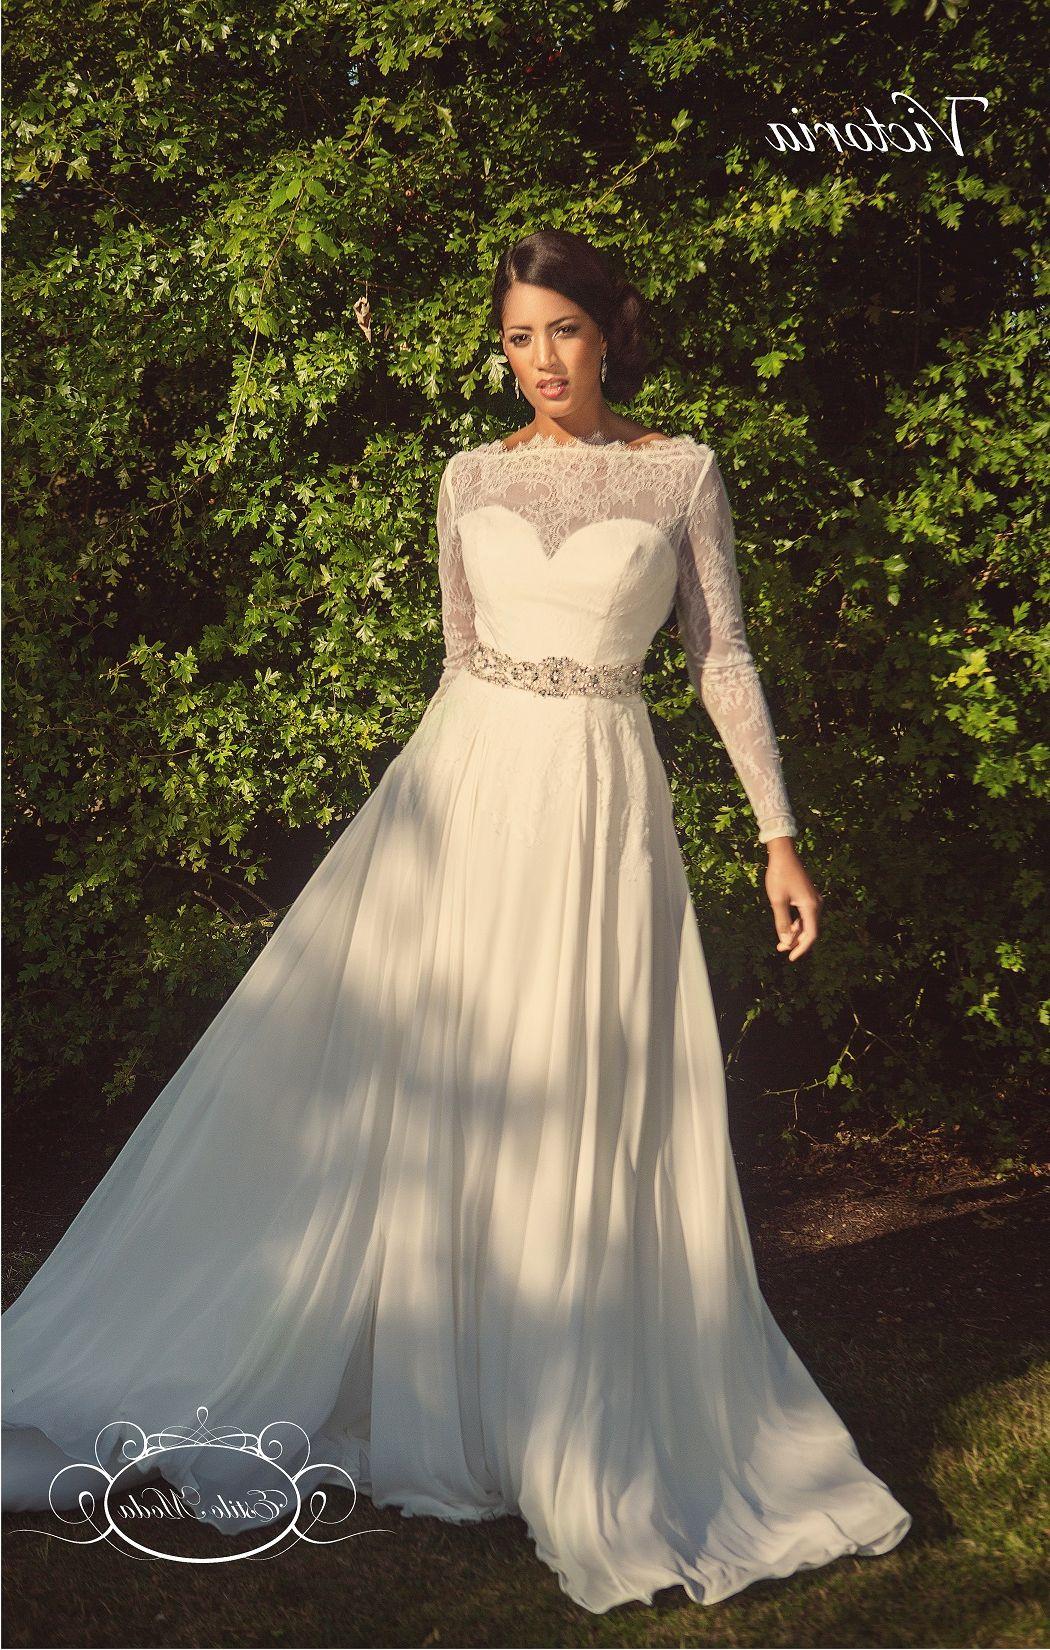 Lace Long Sleeve Flowy Wedding Dress   LongSleeve Dress   Pinterest ...